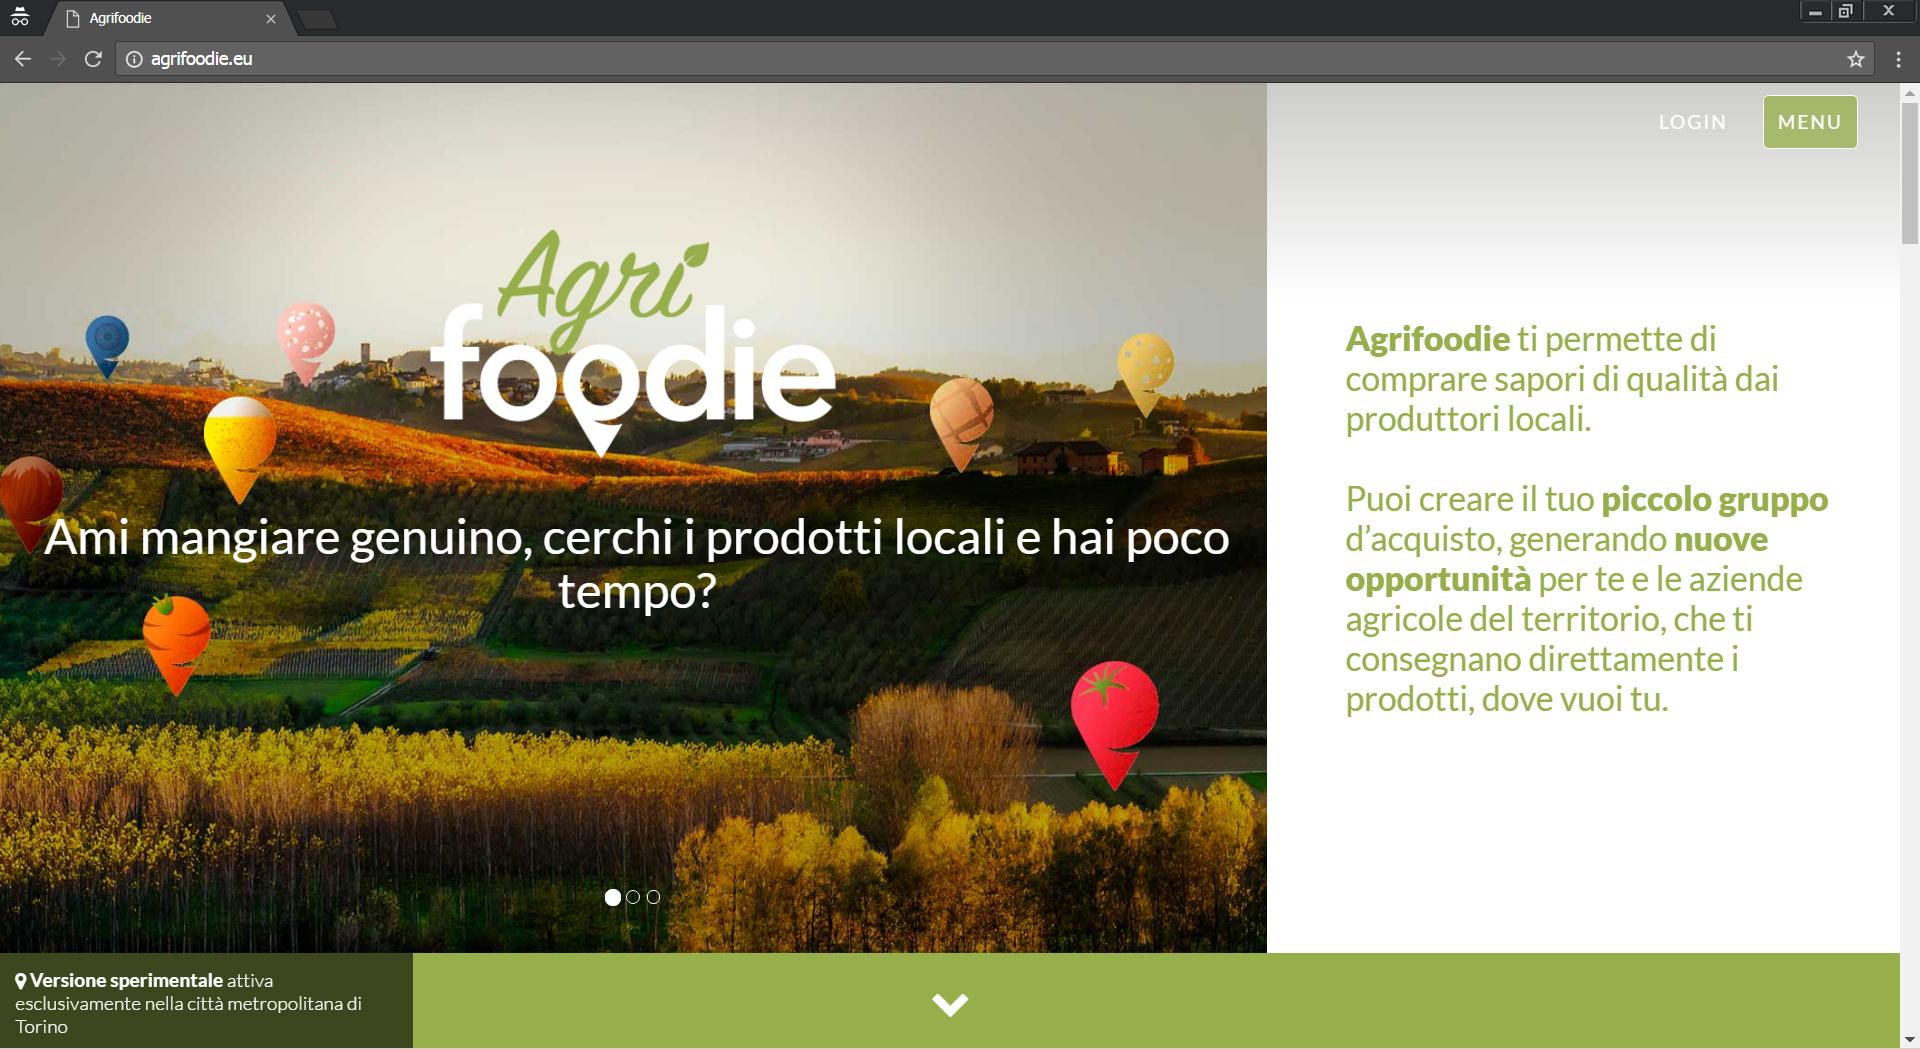 Home page del progetto e della piattaforma Agrifoodie.eu